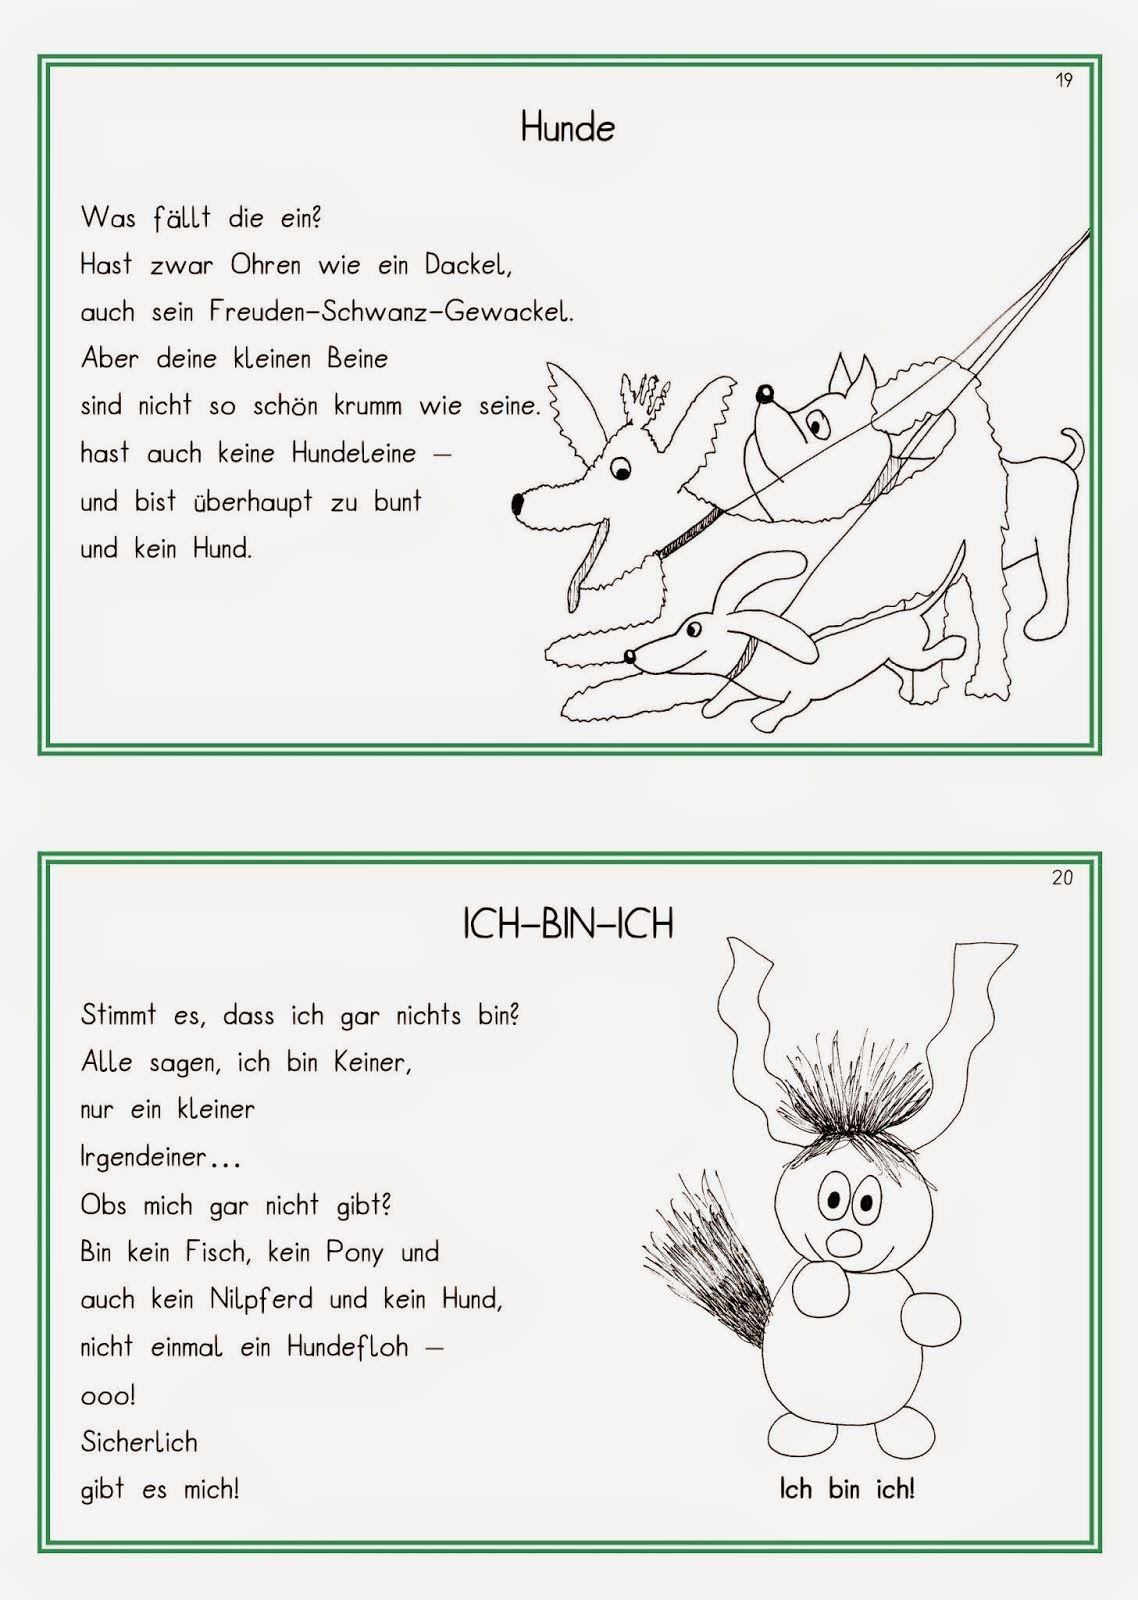 Das Kleine Ich Bin Ich Malvorlage  Coloring and Malvorlagan